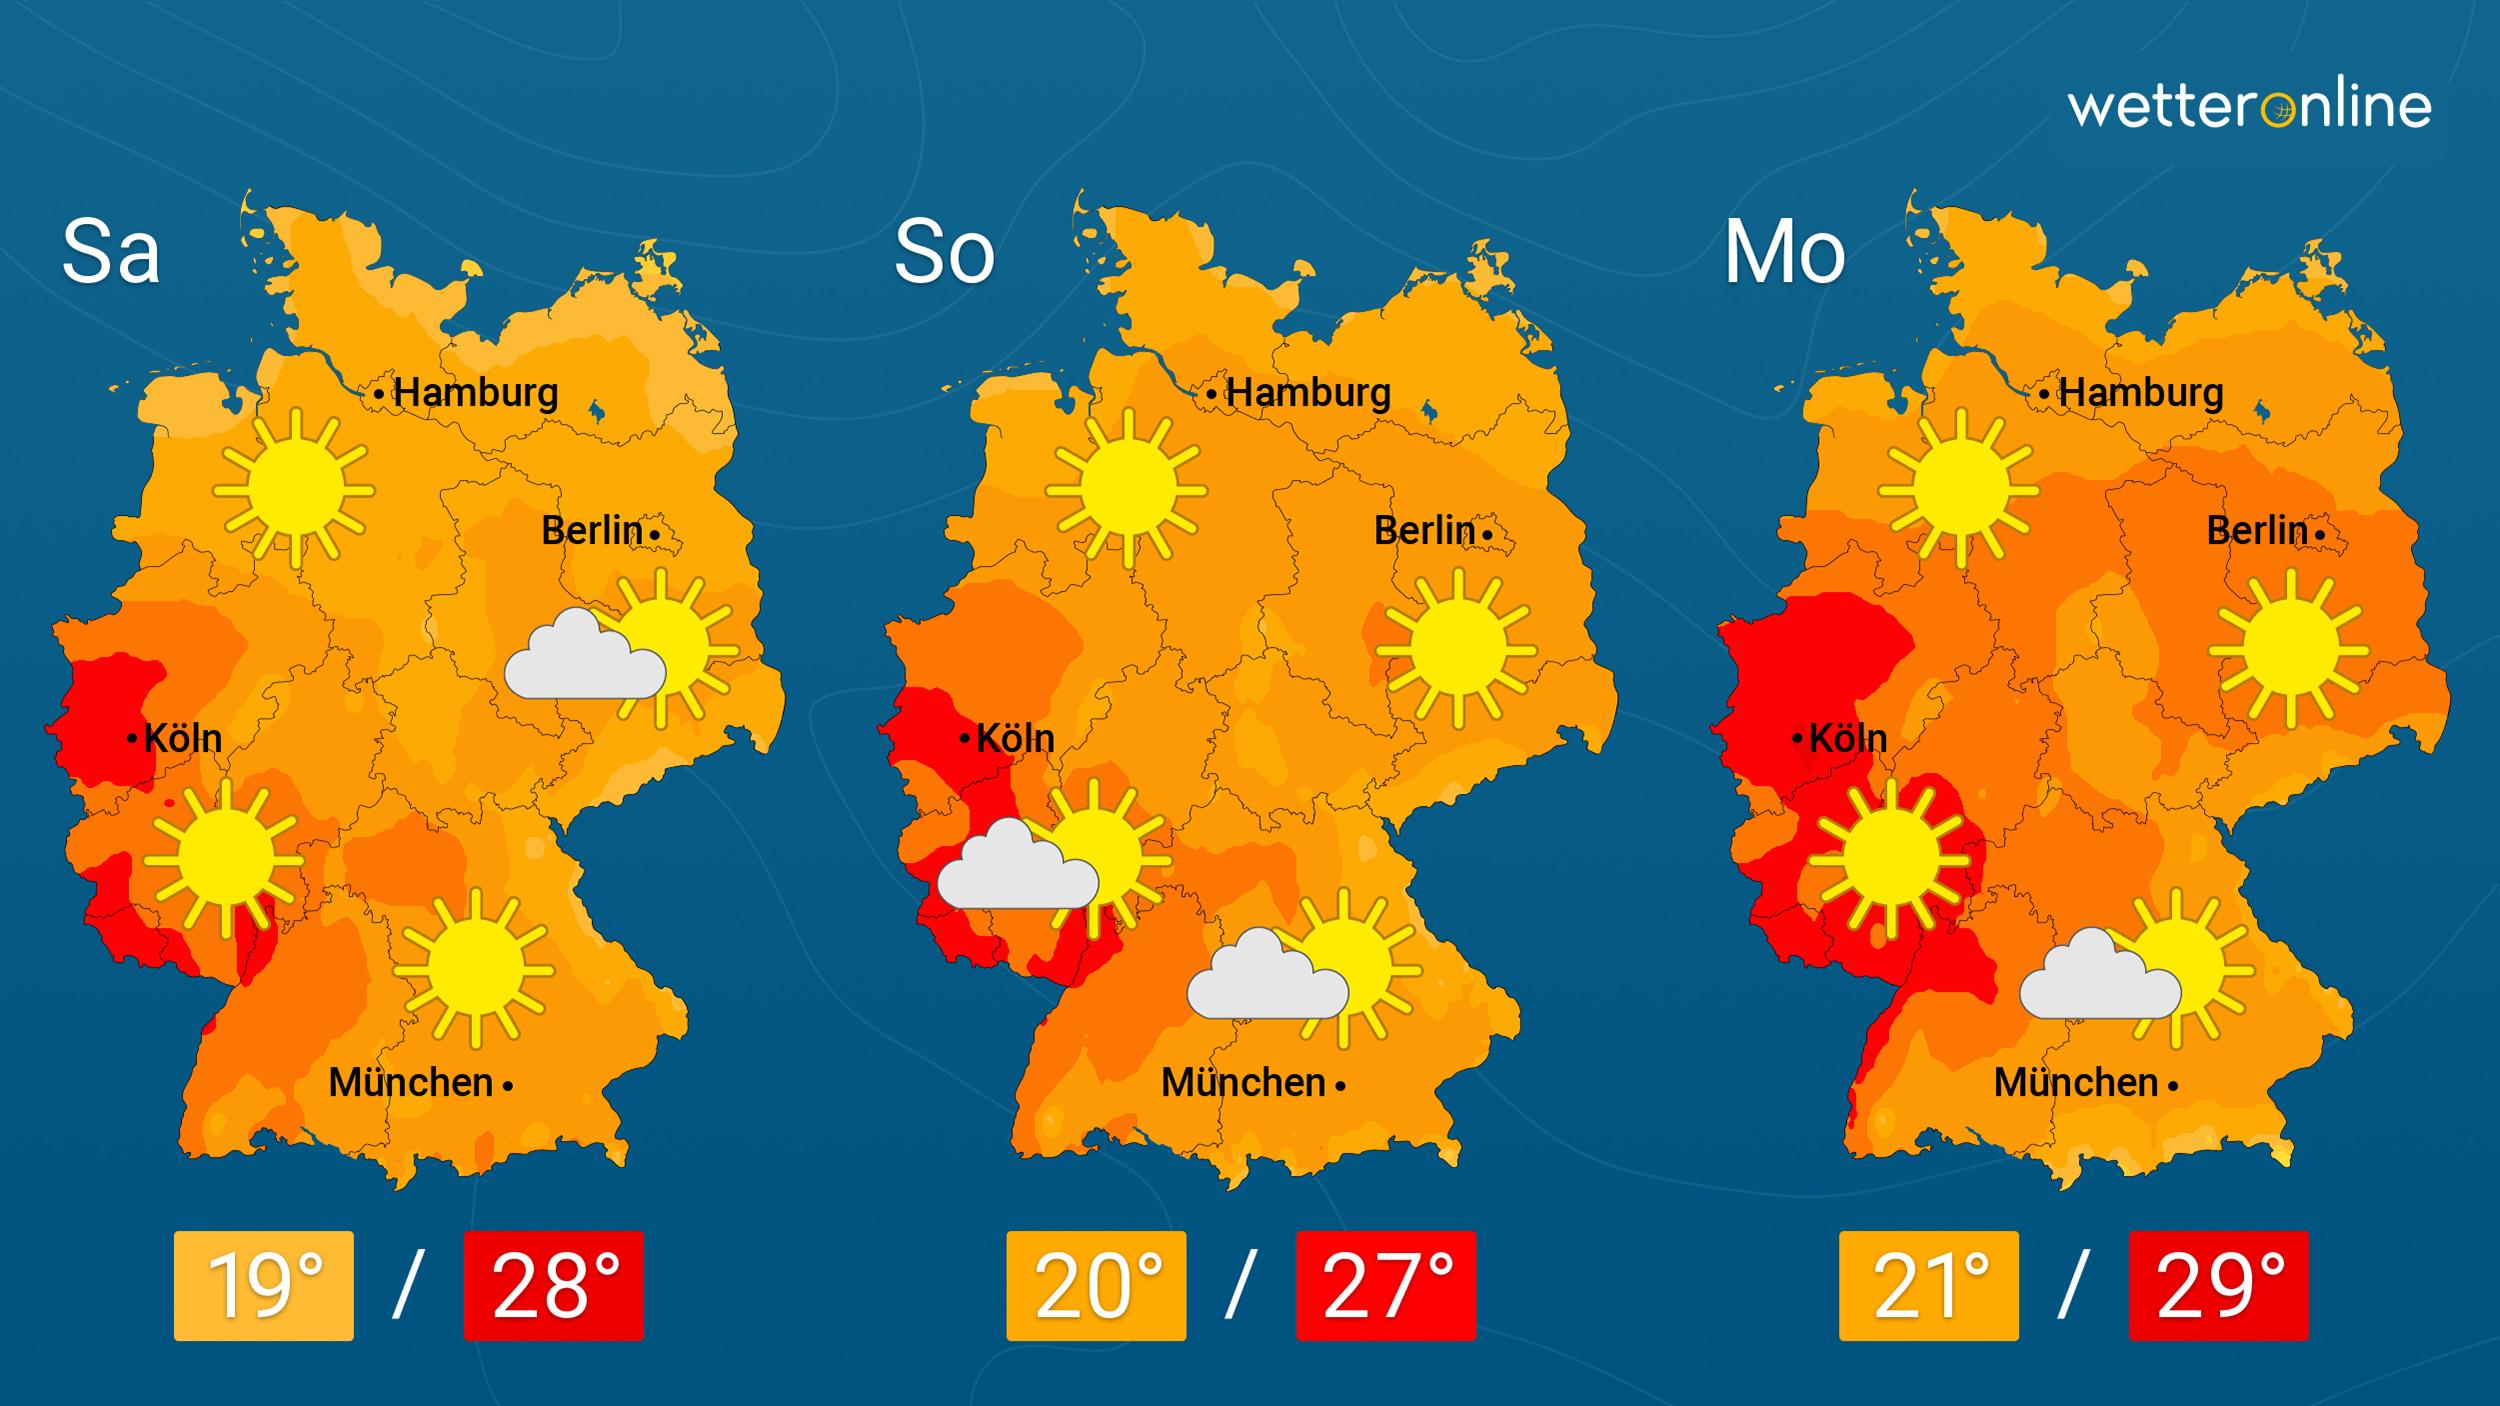 Wetter In Nürnberg Am Samstag